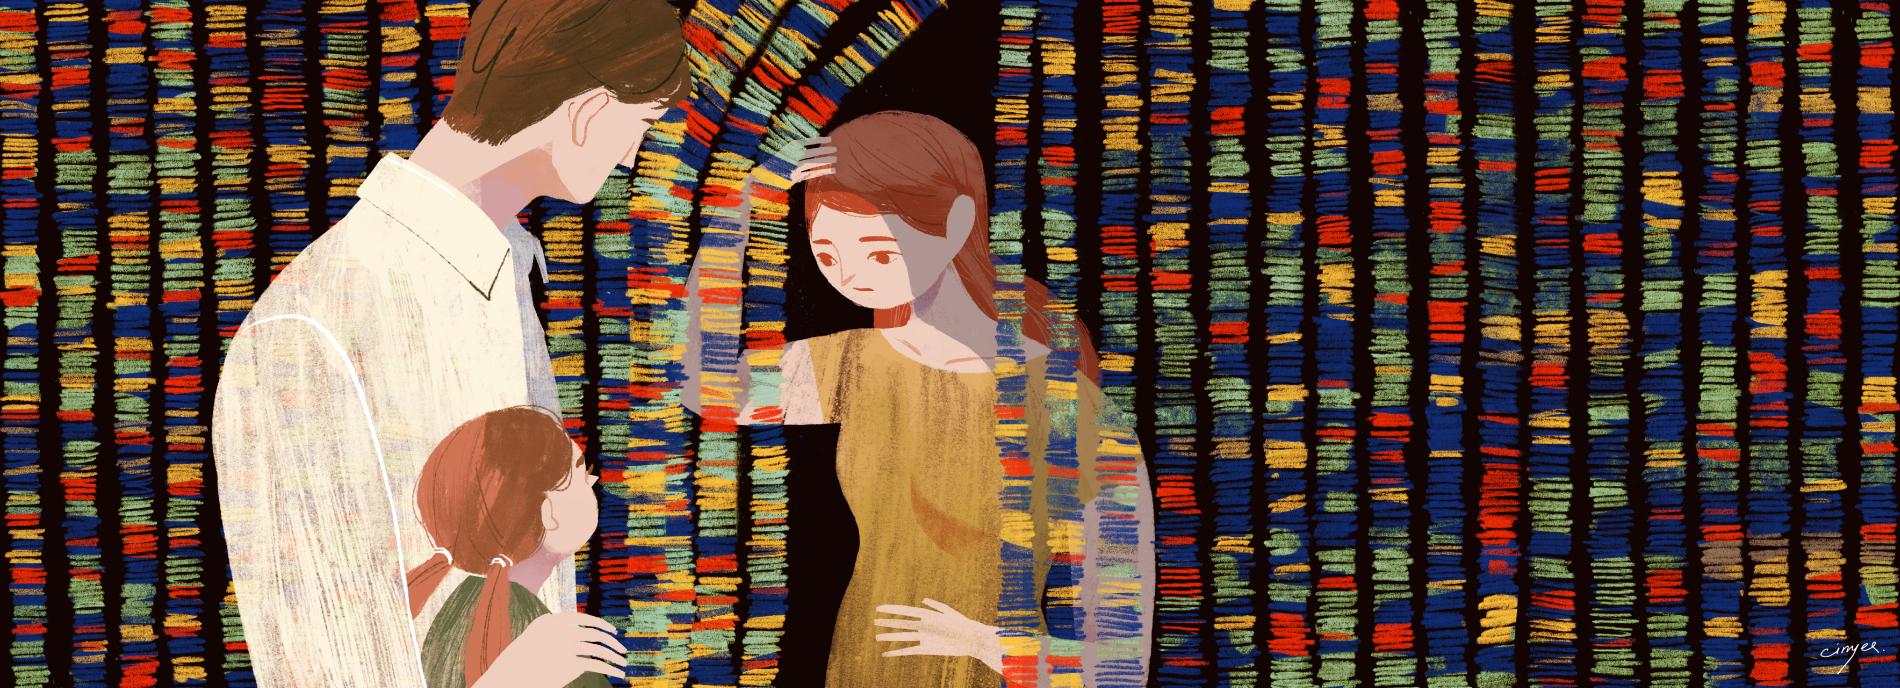 تشخیص قبل از تولد بیماریهای ژنتیک |بیماریهای ژنتیکی جنین